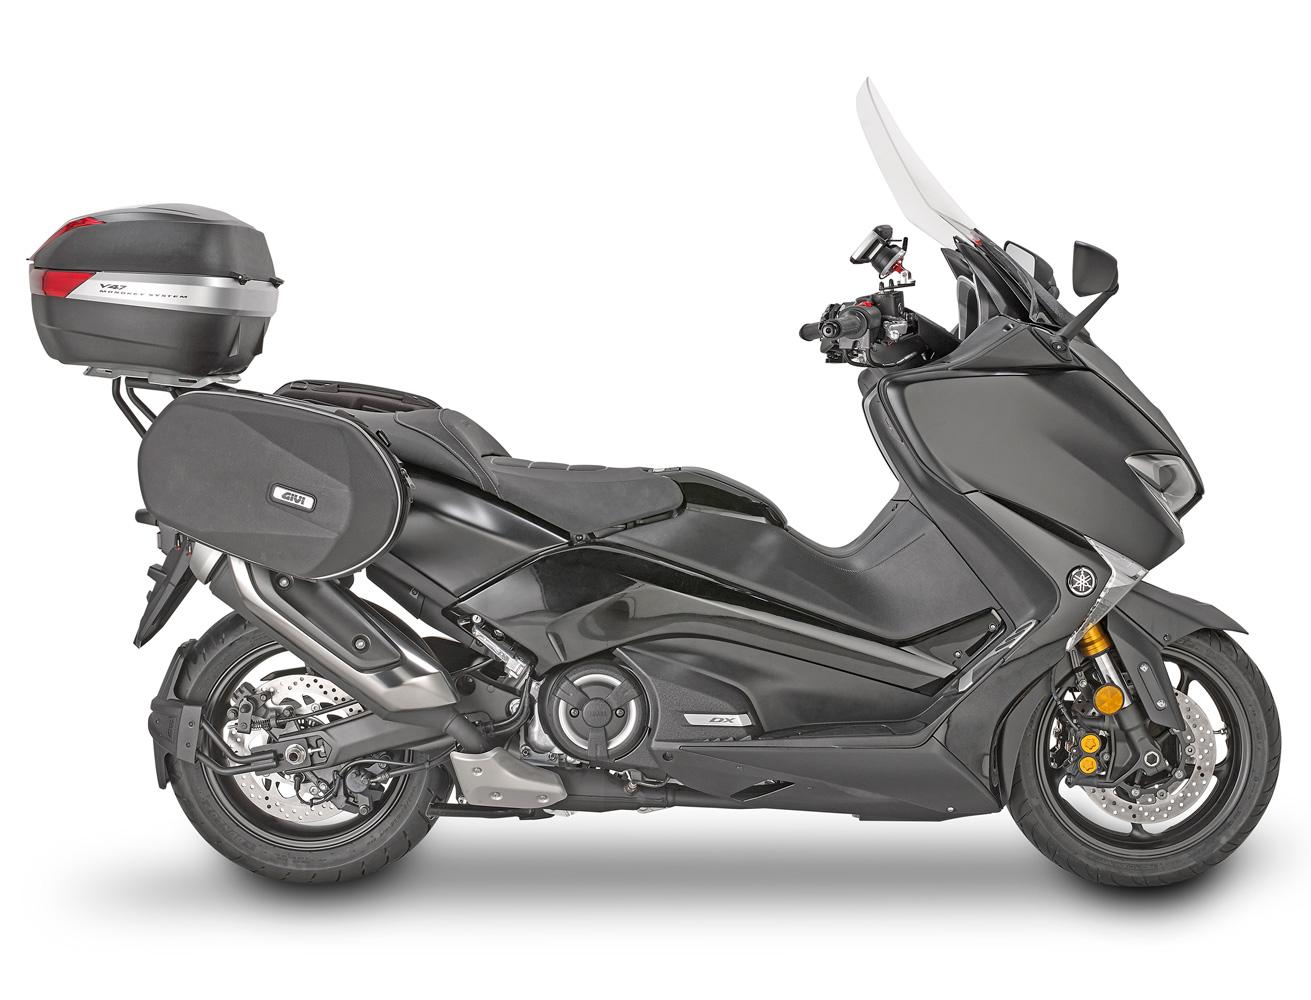 PIASTRA M7 COMPATIBILE CON KYMCO DOWNTOWN ABS 350 i 2017 MOTO E SCOOTER COVER CARBON CATADRIOTTI FUME STAFFA SR6107 KIT BAULETTO BAULE VALIGIA MONOKEY V47NNT GIVI